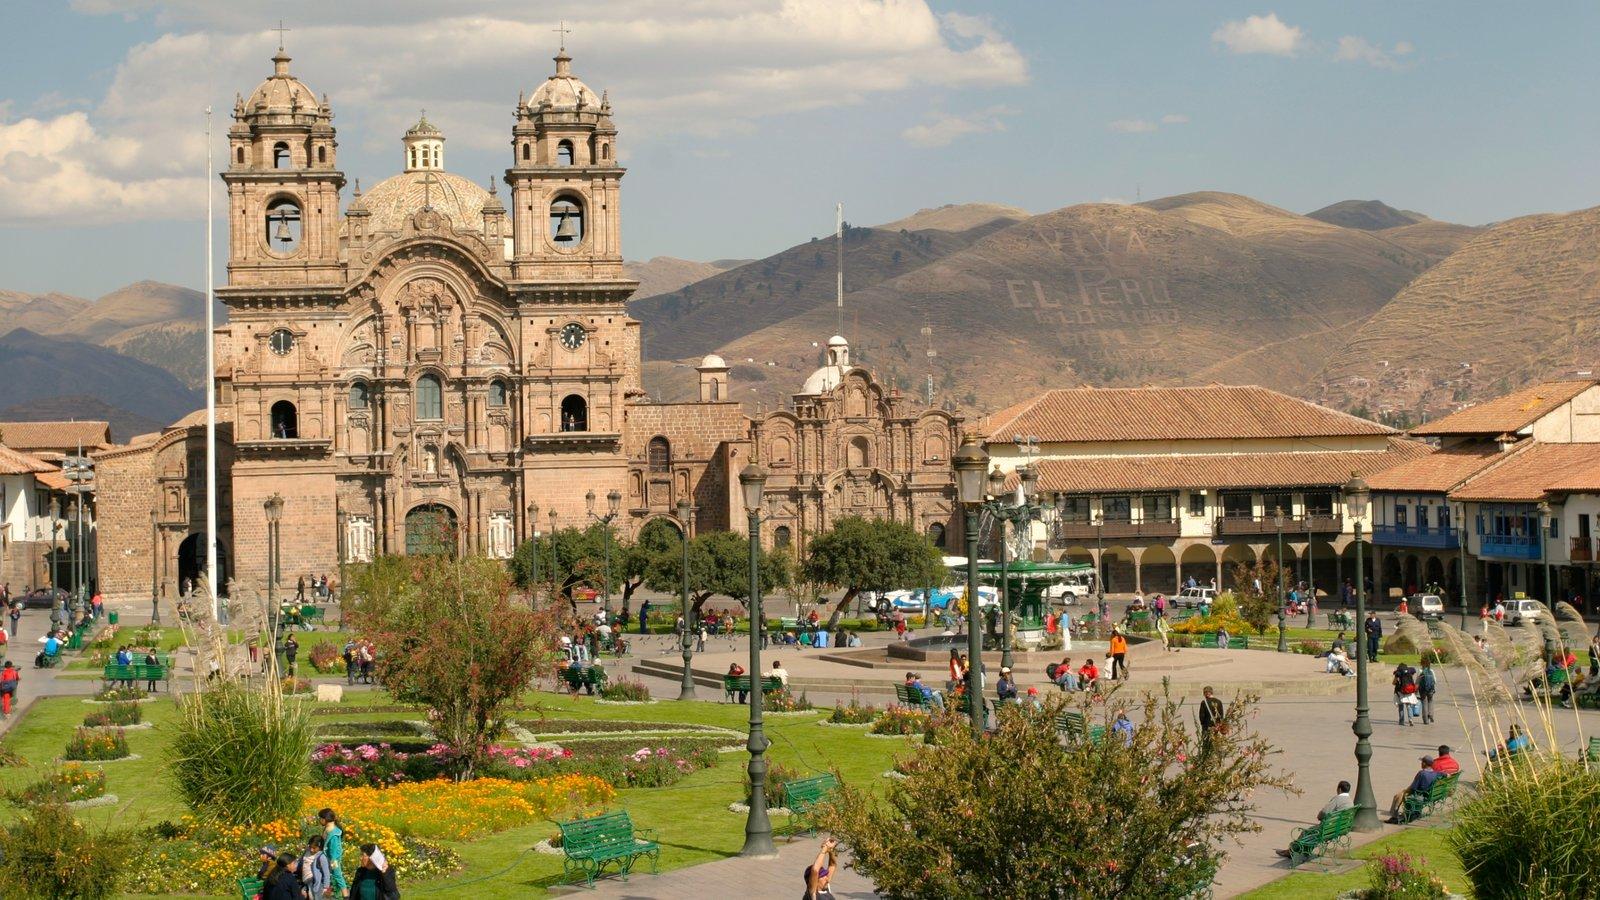 Terras Altas do Peru mostrando uma cidade, arquitetura de patrimônio e uma praça ou plaza